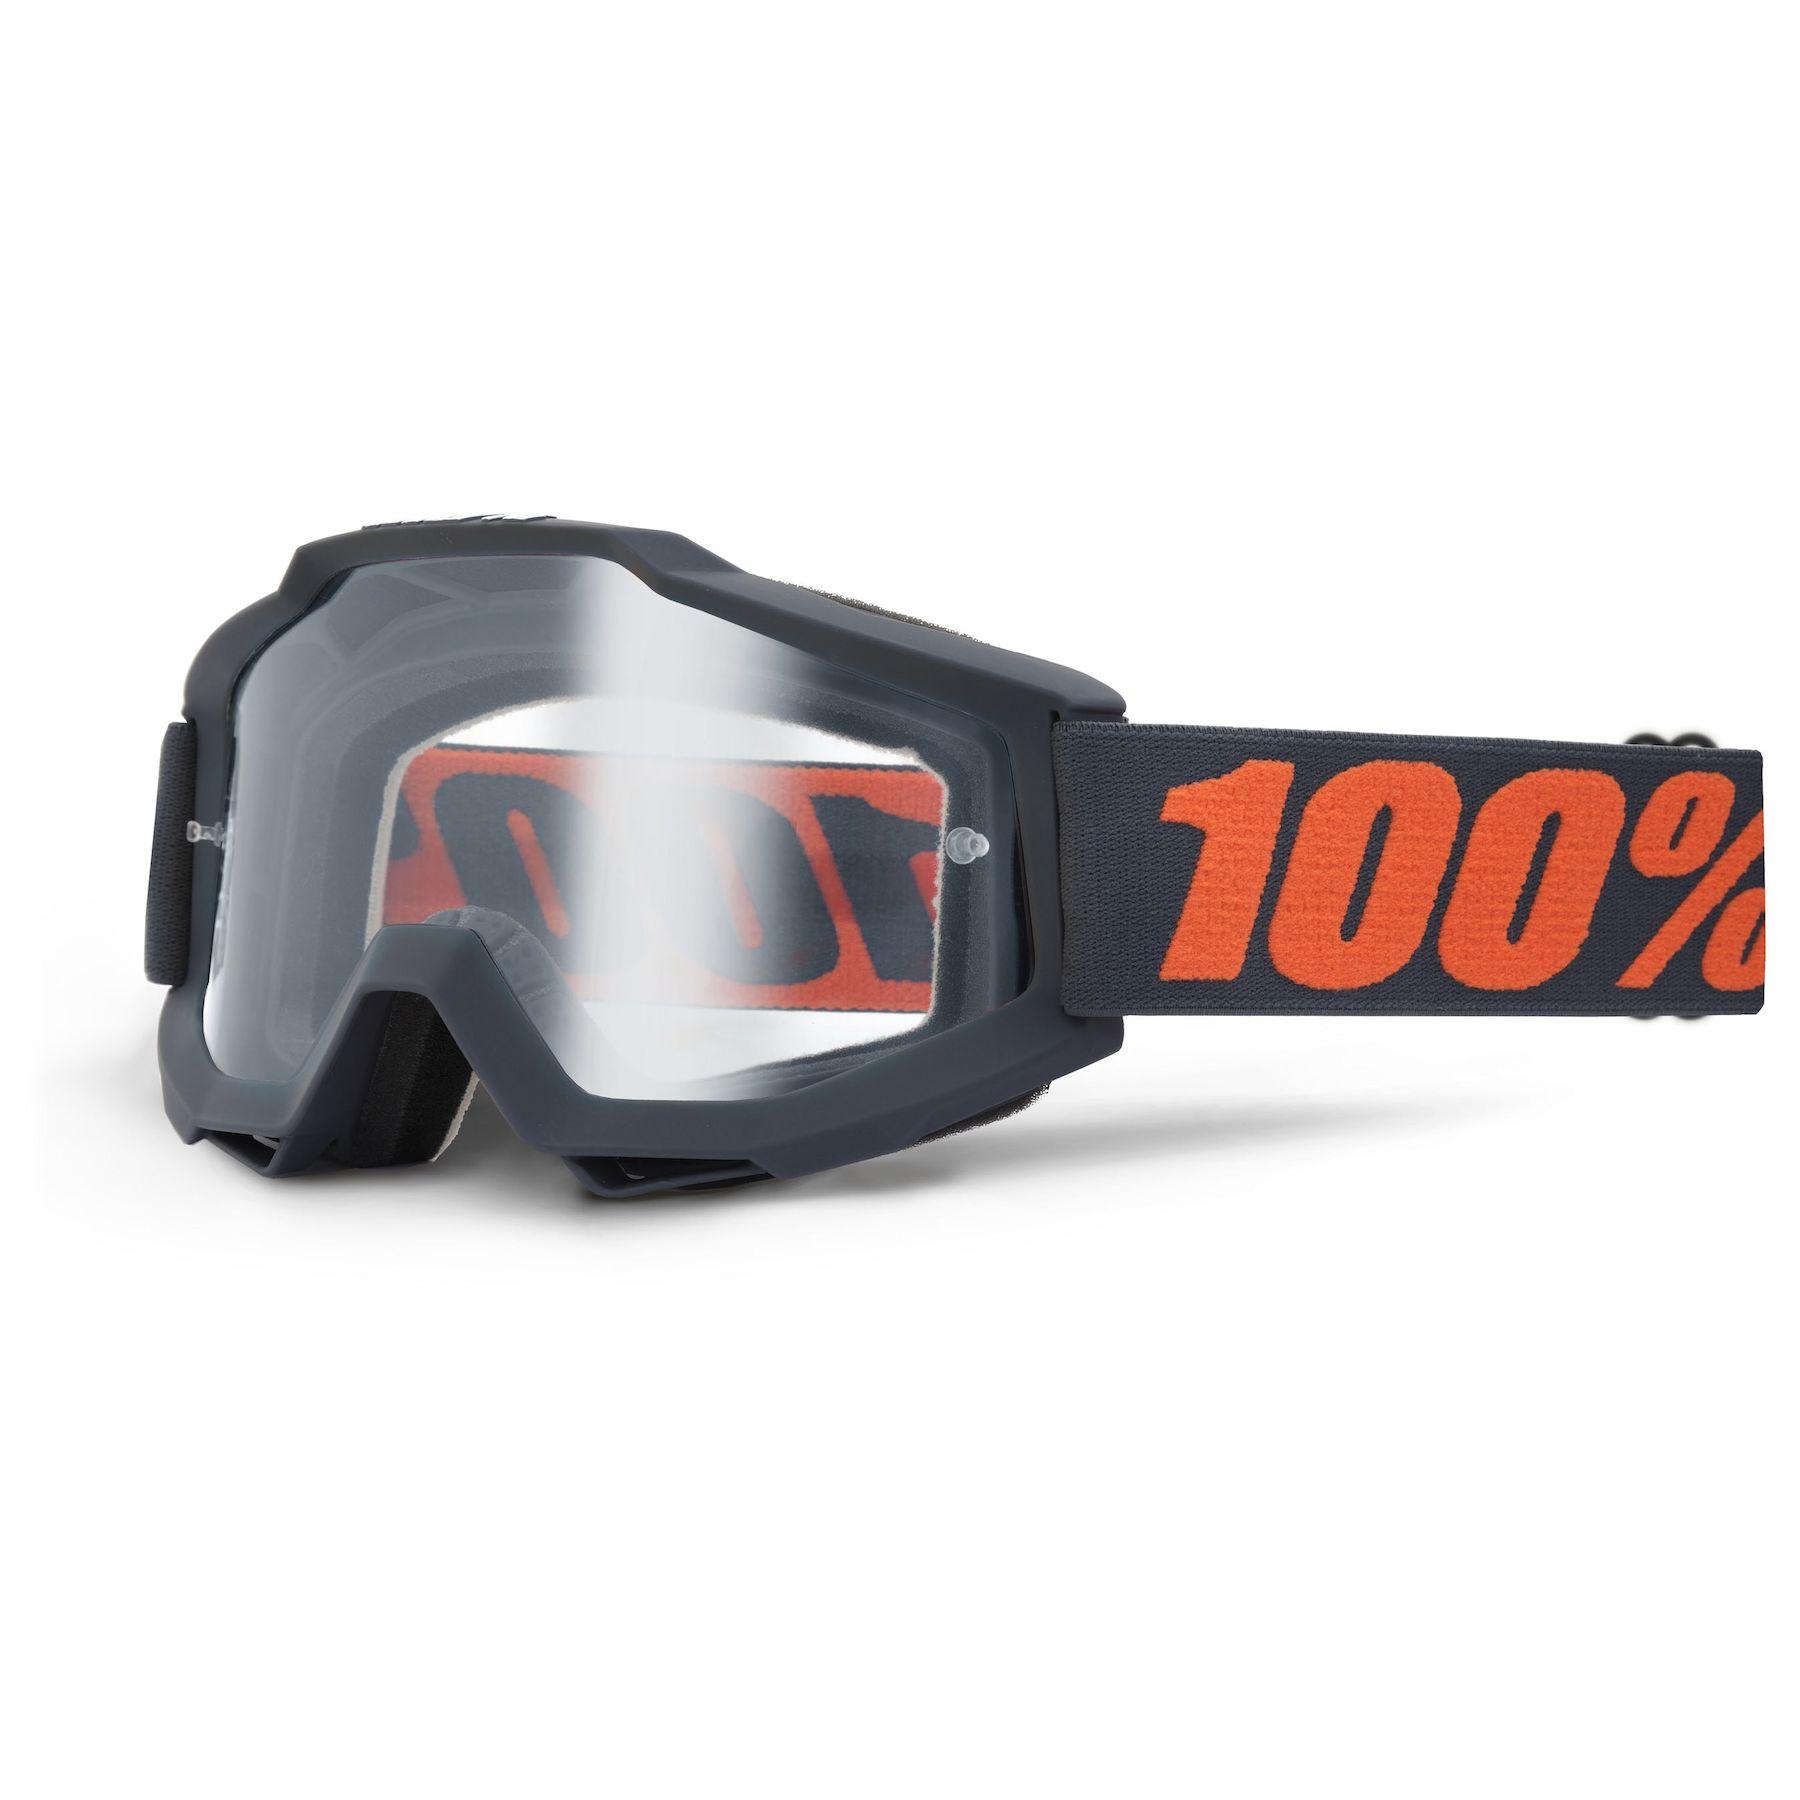 cffe9297cb 100% Accuri OTG Goggles - MX Alliance